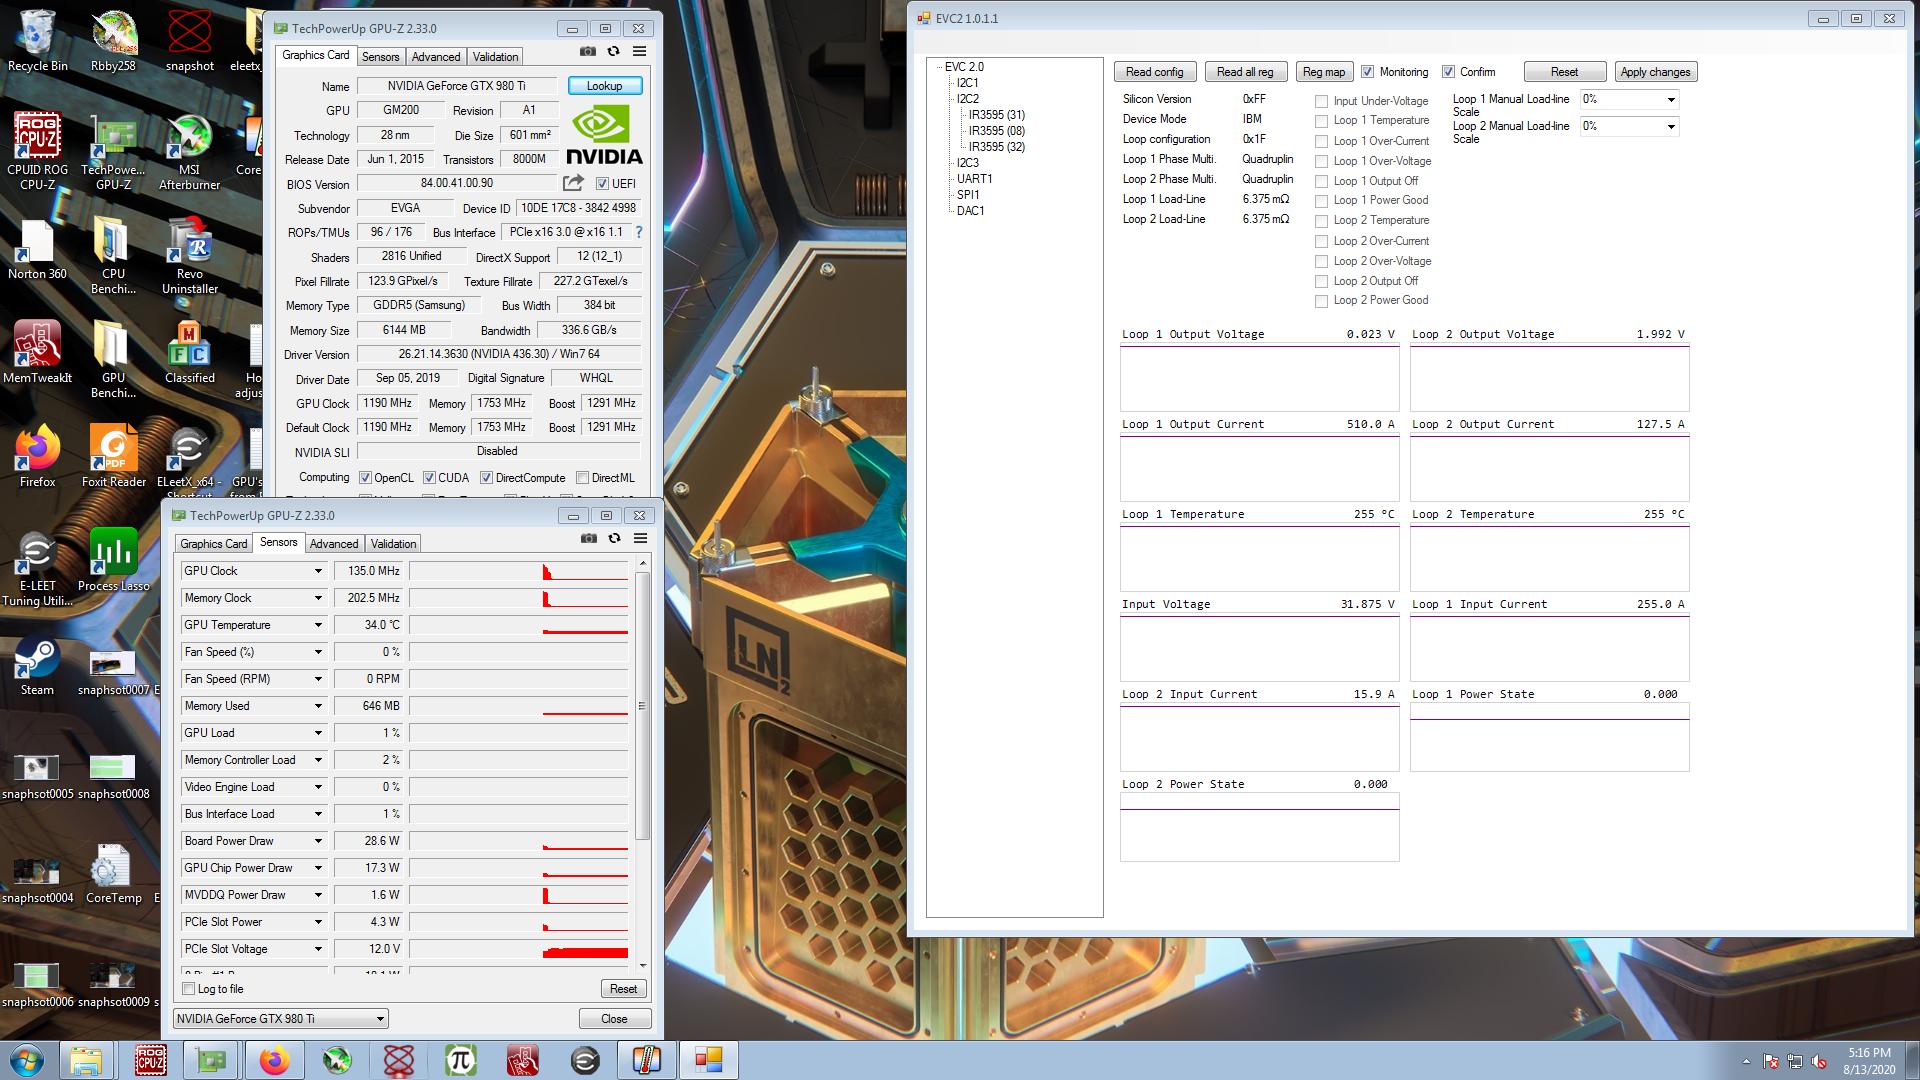 IR3595-Screen-32.png